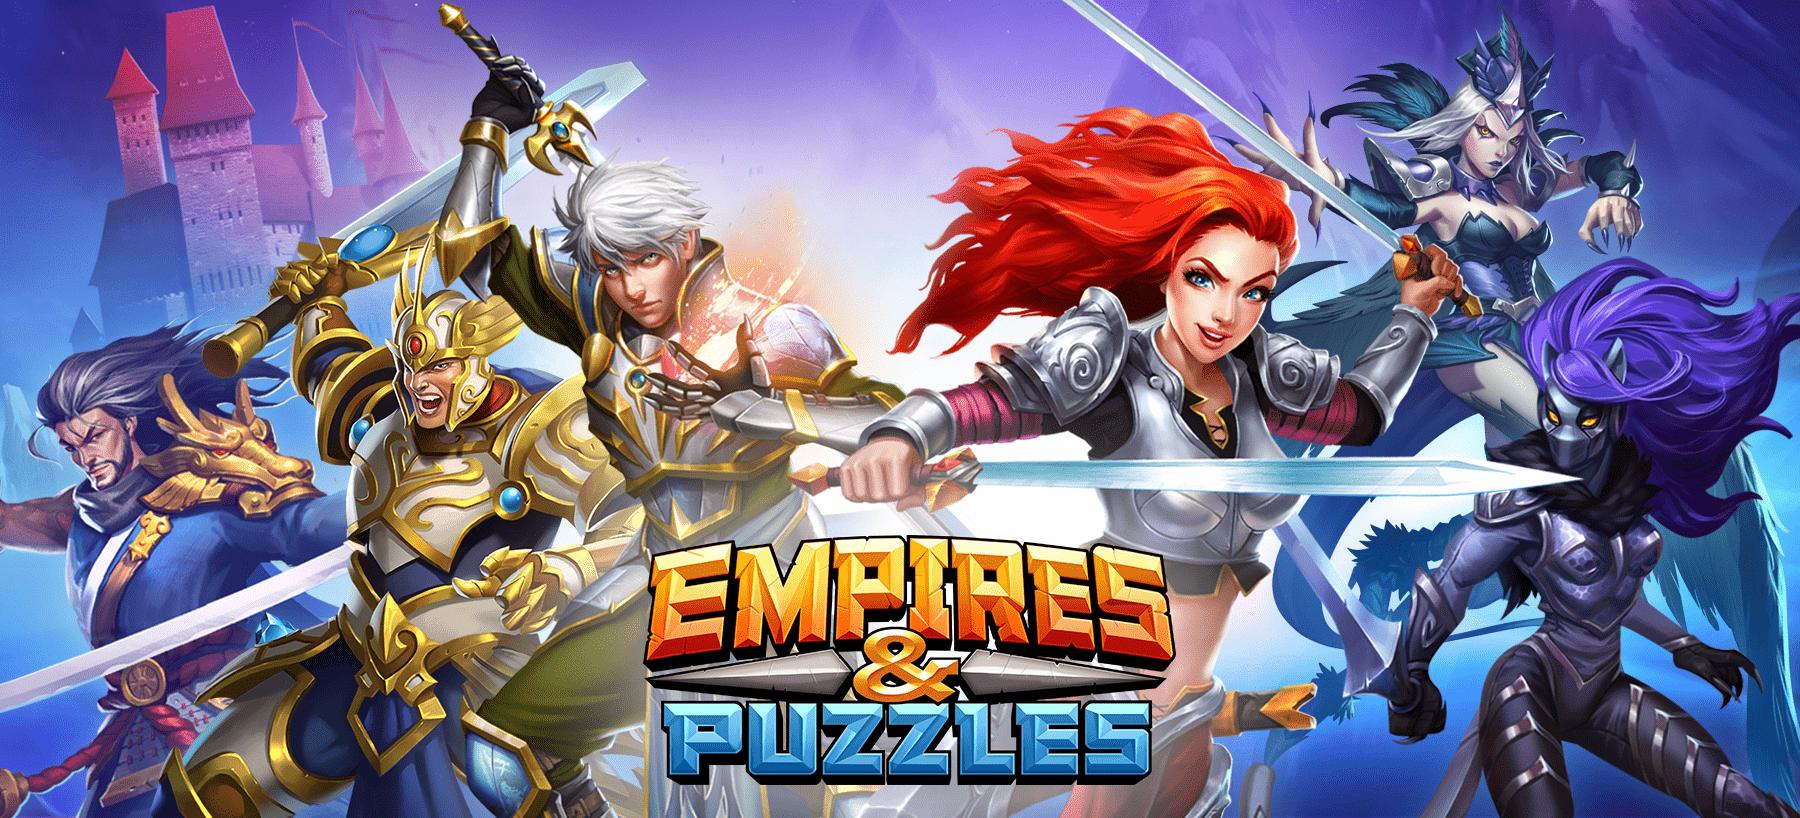 Empires & Puzzles: RPG Quest Hero Image